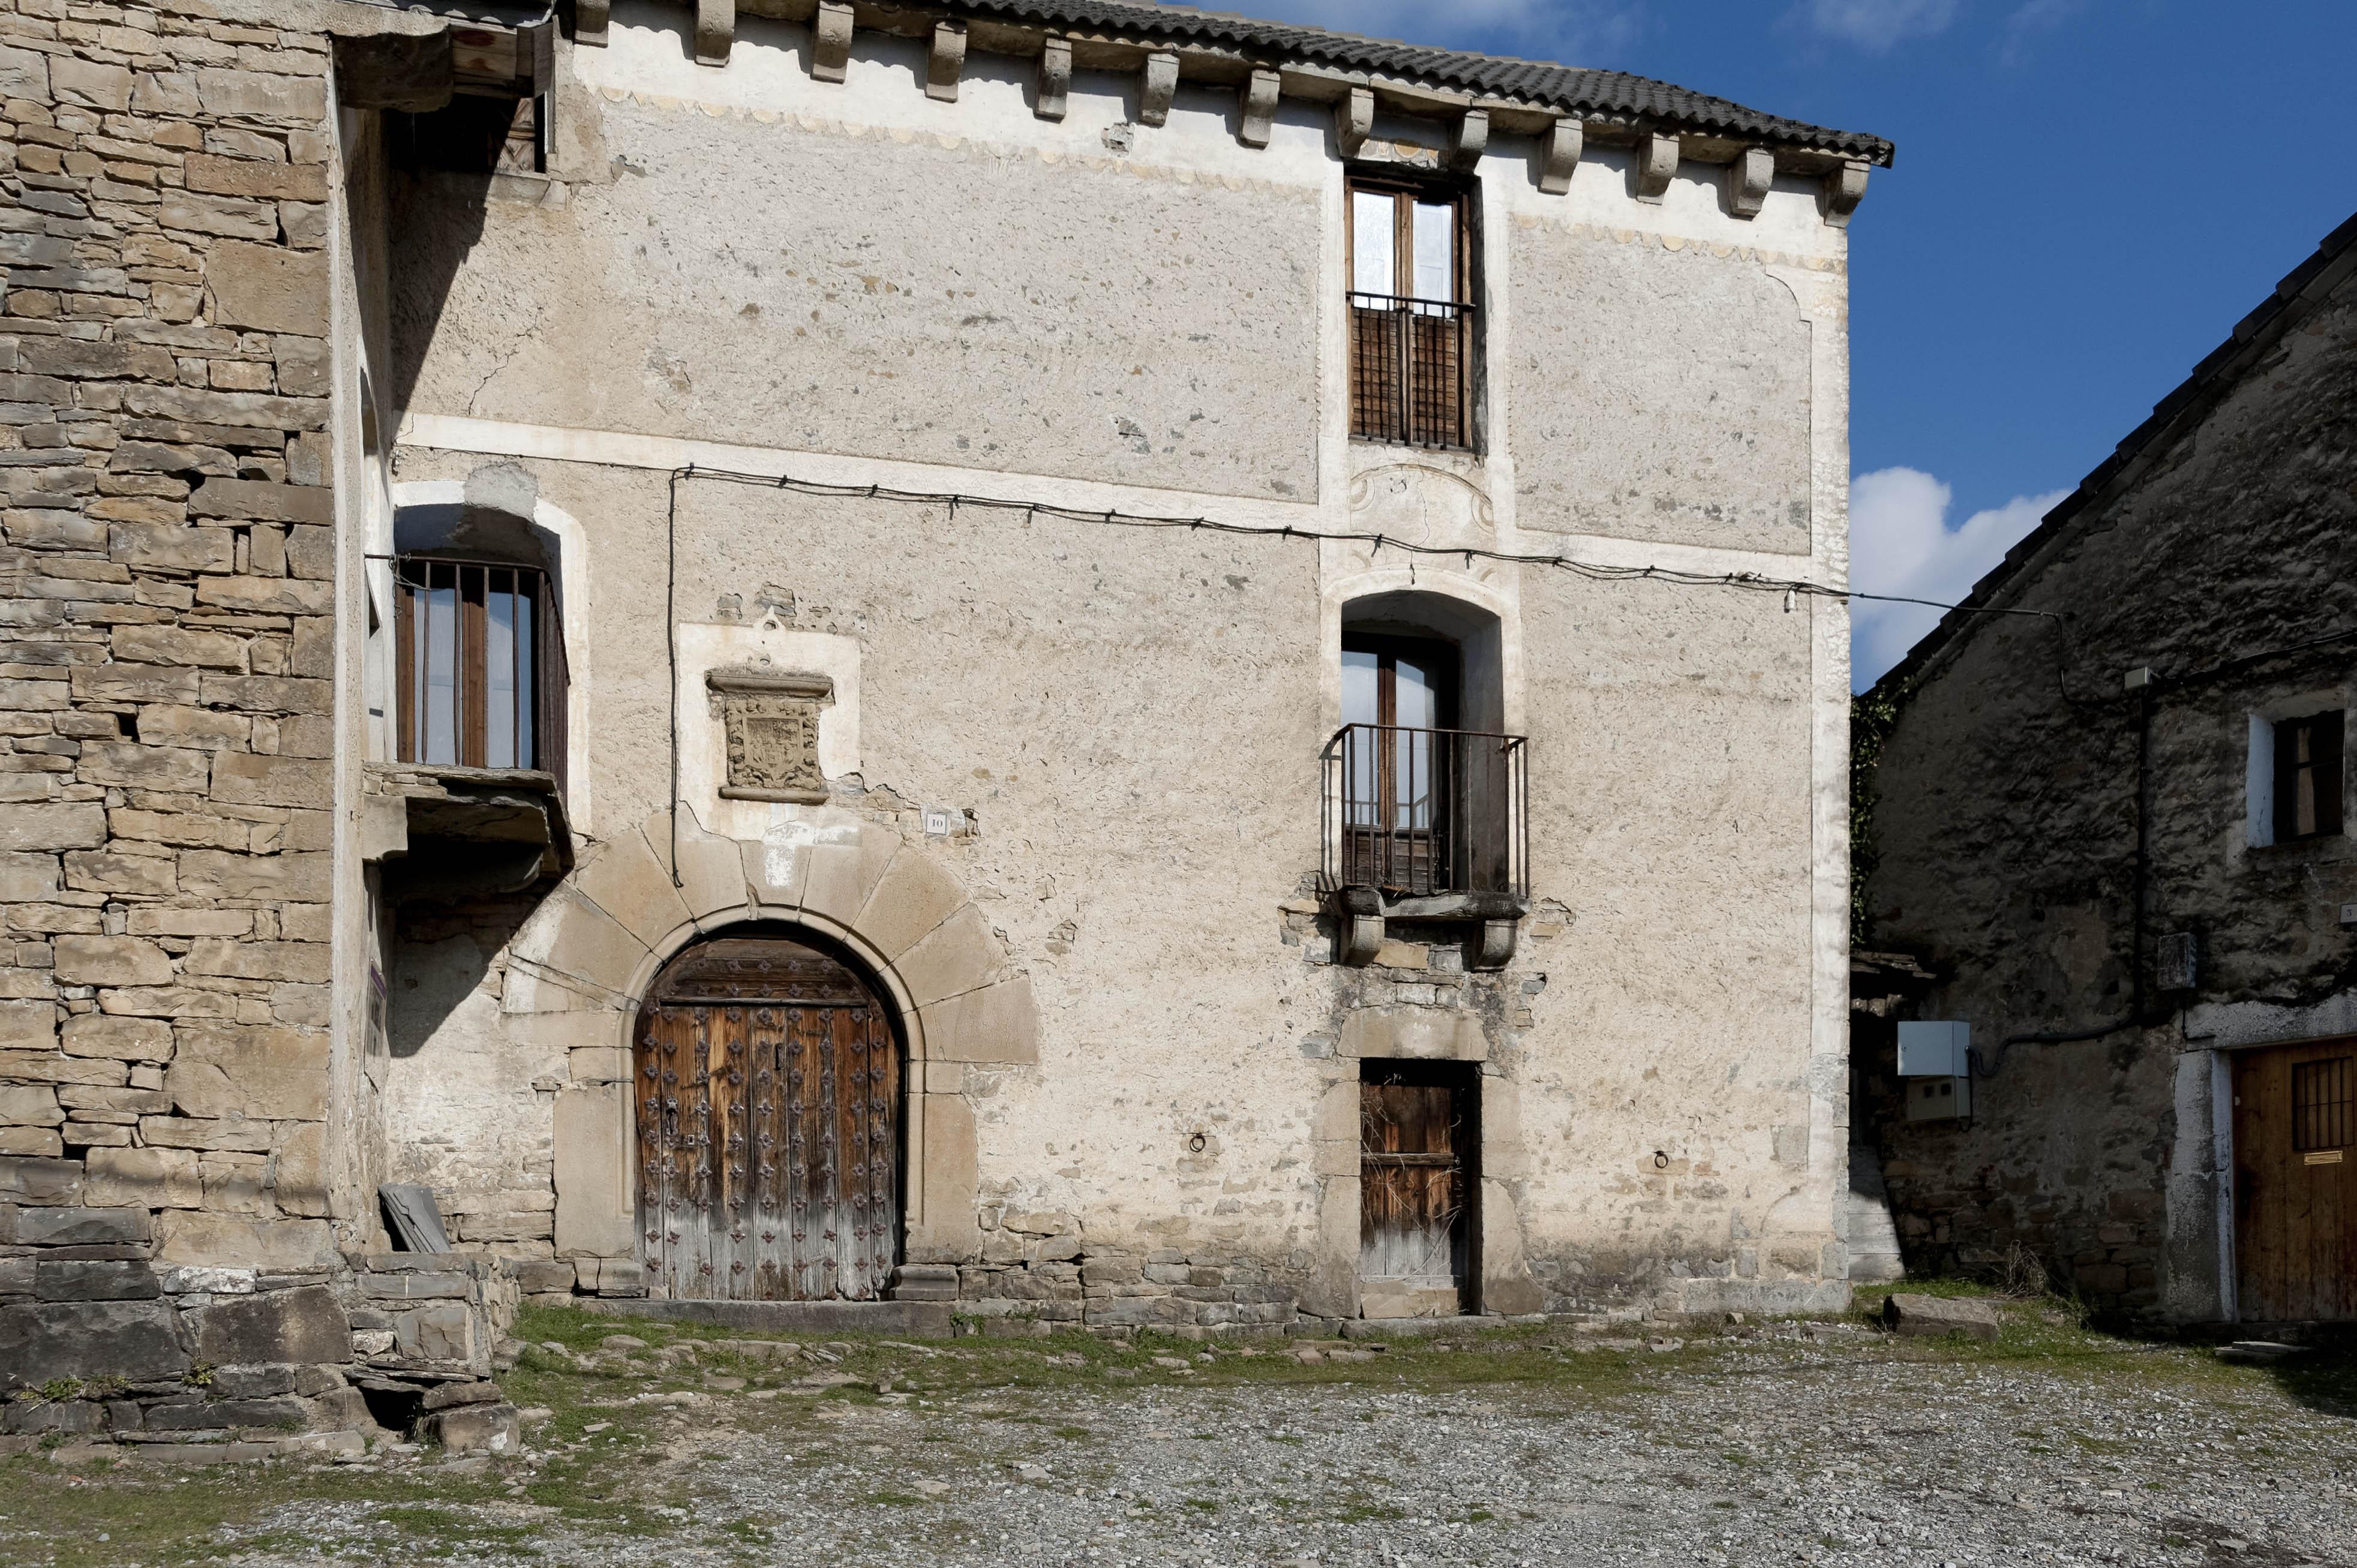 5576_Asin de Broto (Sobrarbe Aragon)